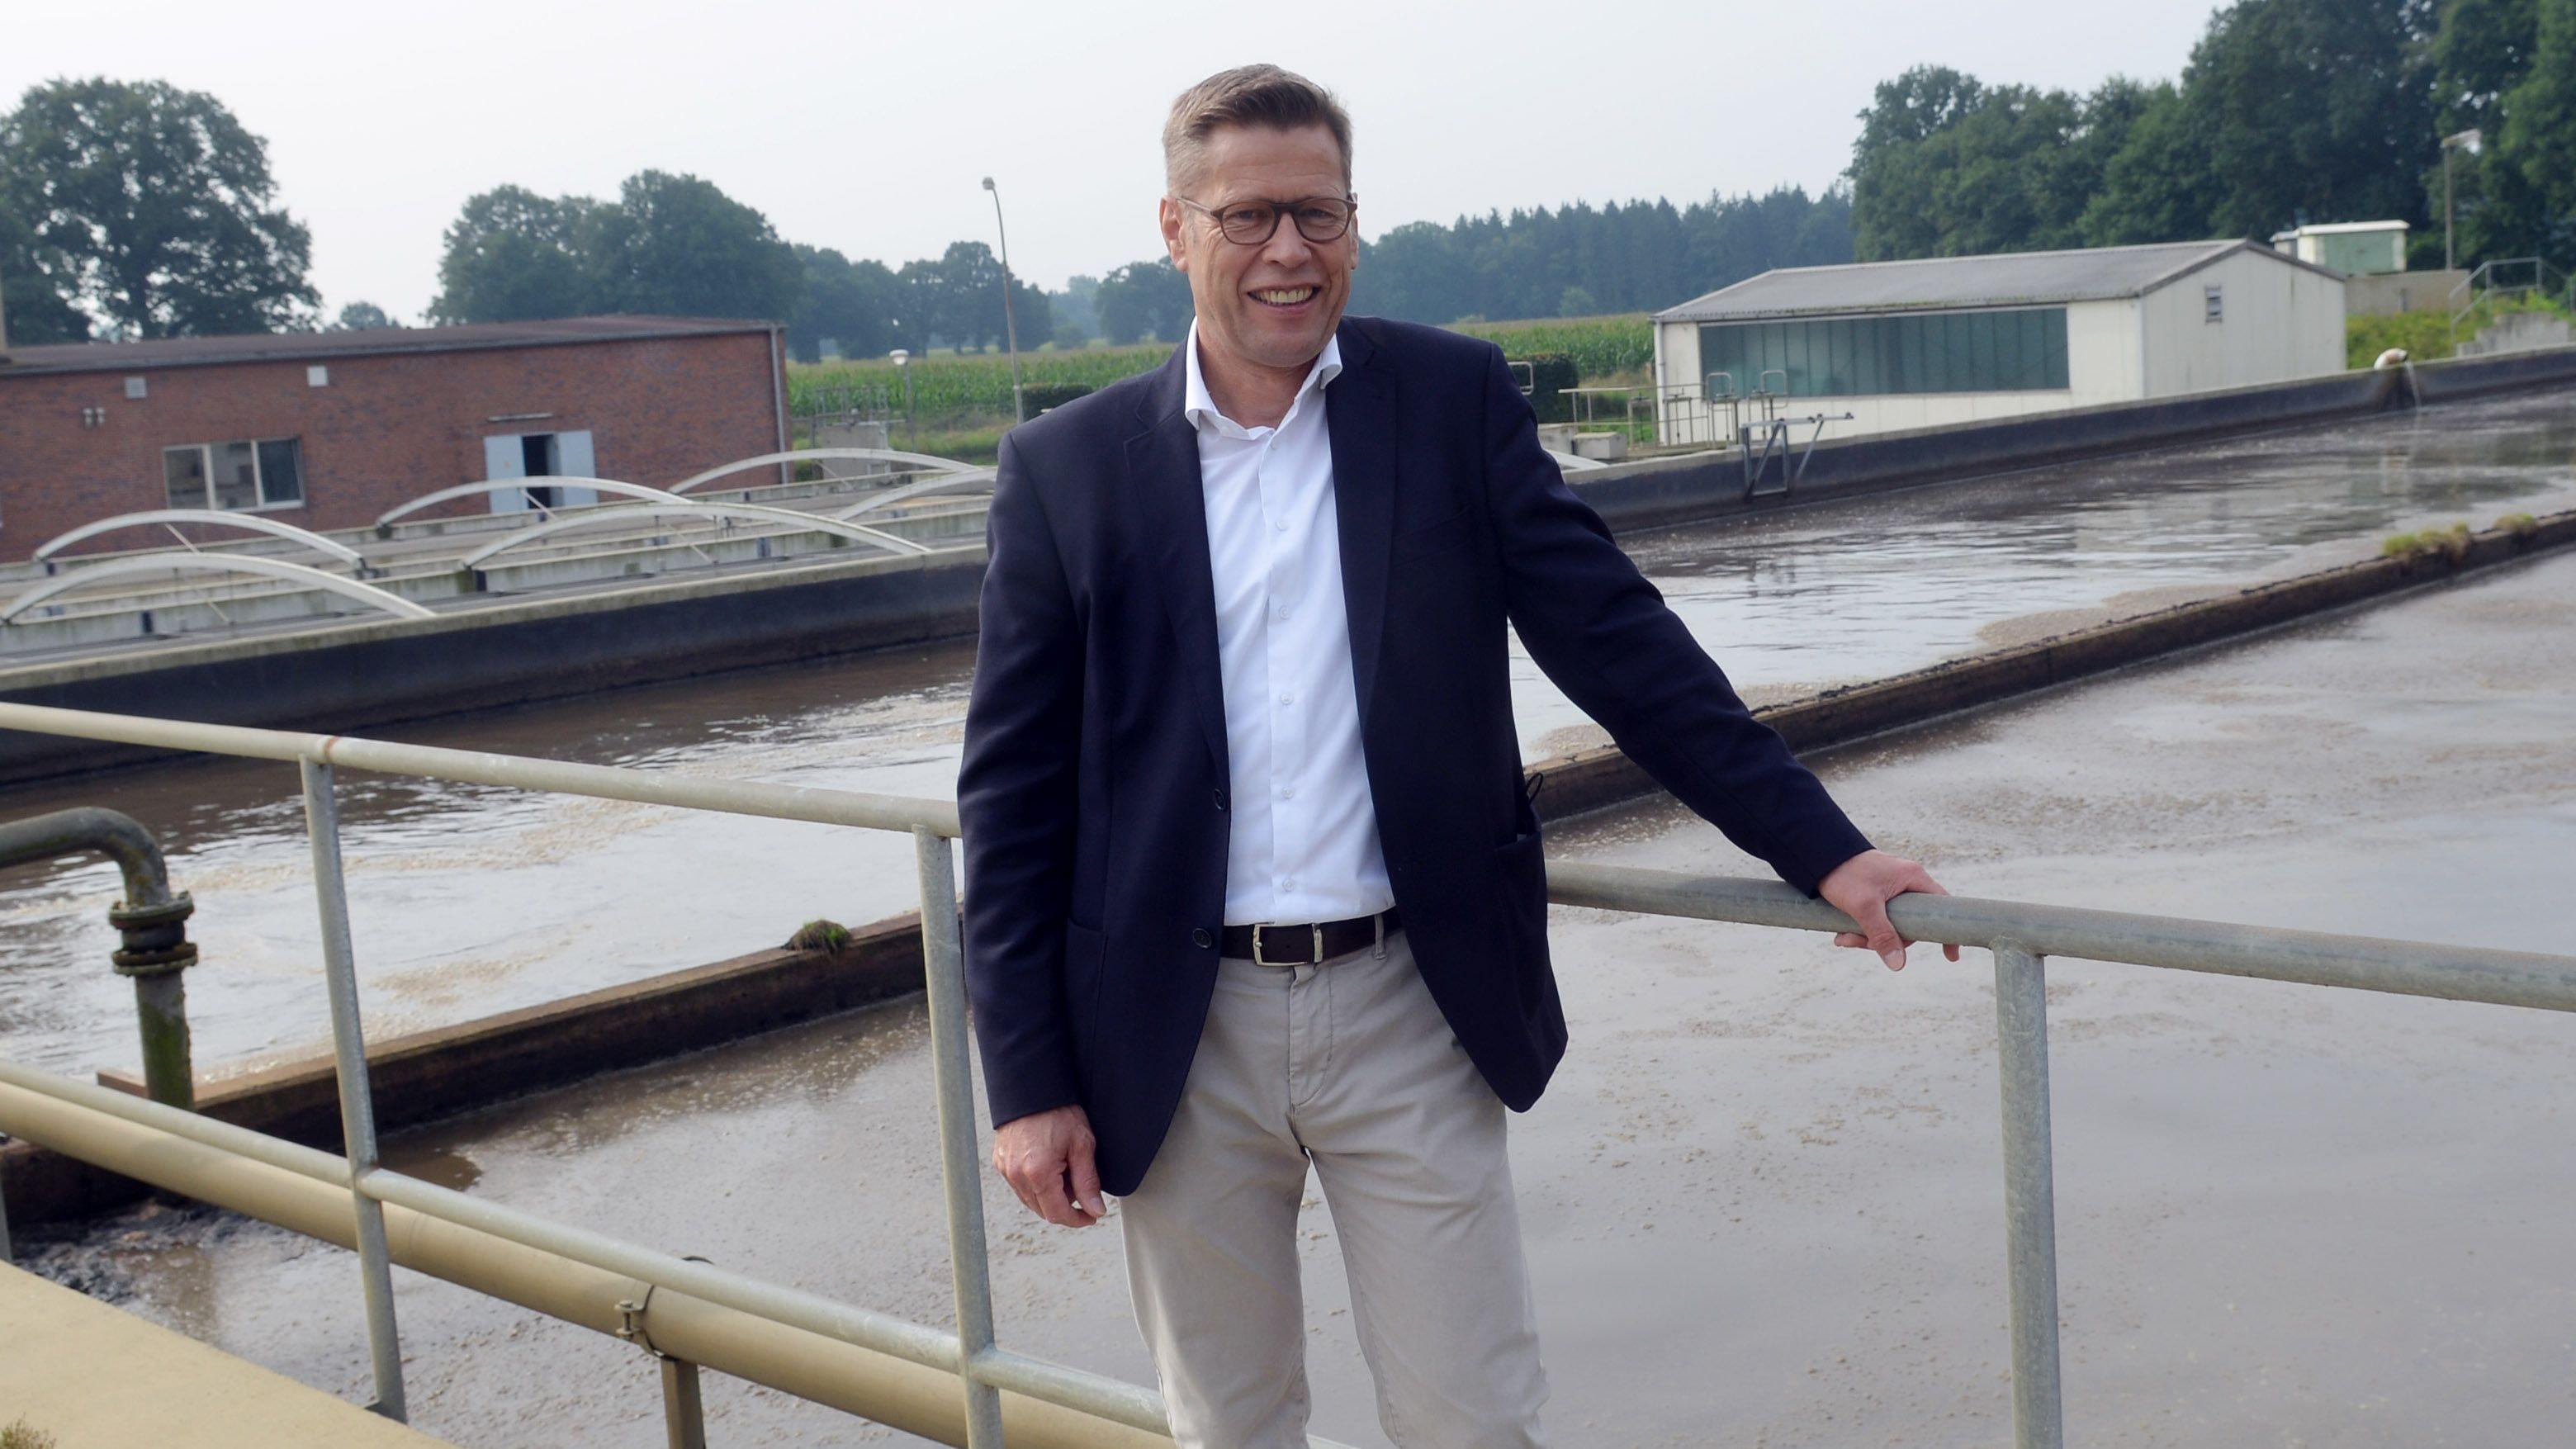 Wichtiges Projekt: Bürgermeister Marcus Willen auf der Kläranlage, die vom Energiefresser zum Lieferanten ausgebaut werden soll. Foto: Siemer